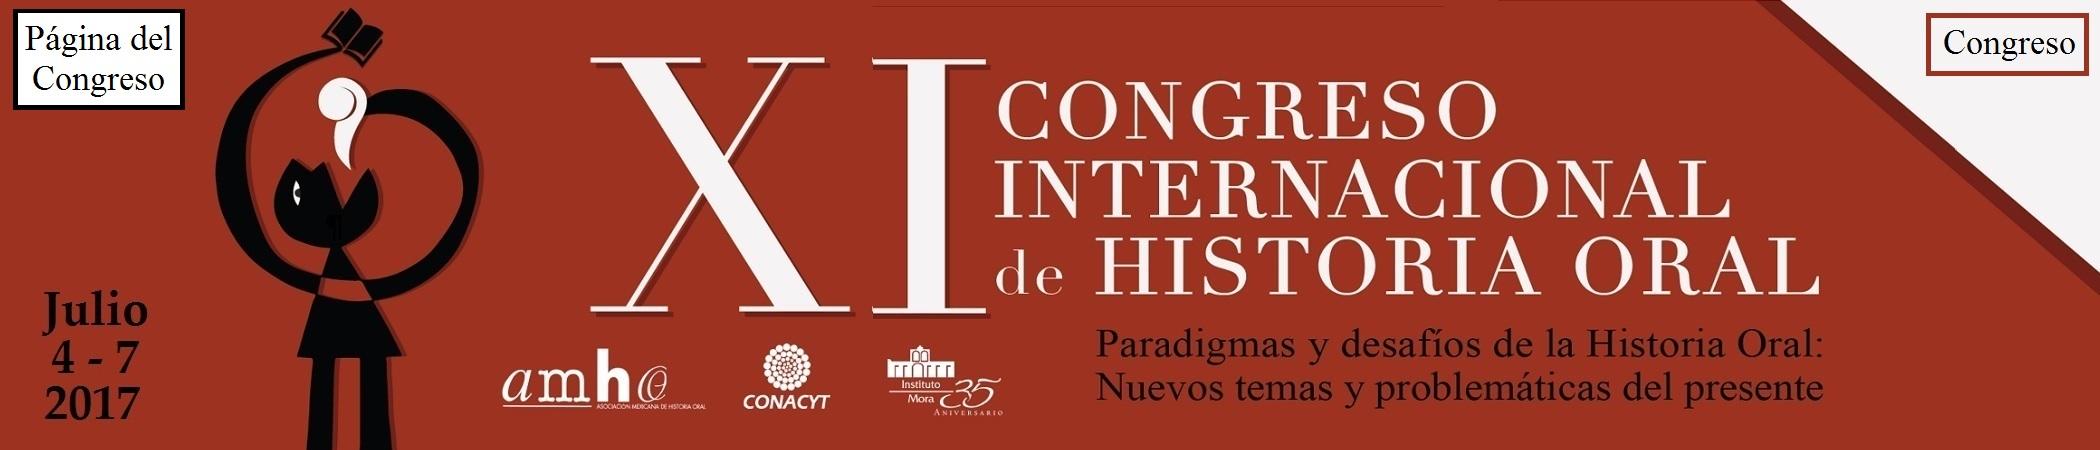 XI Congreso Internacional de Historia Oral